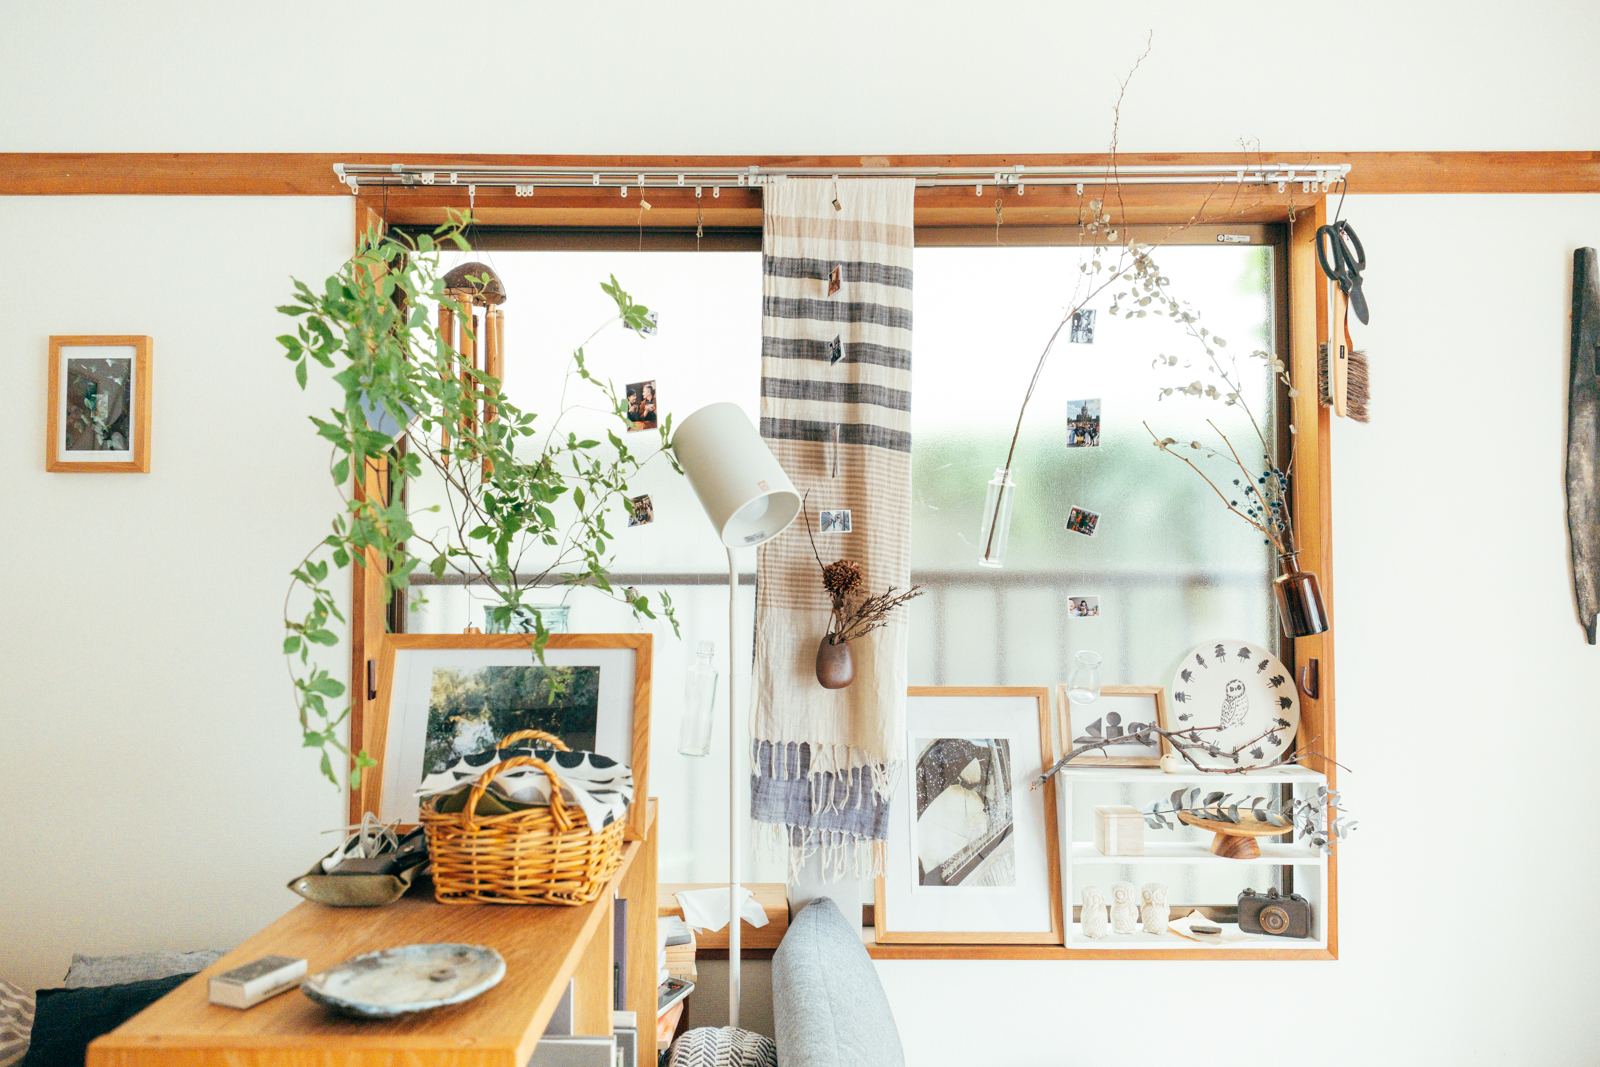 一人暮らしでなかなか飾り棚が作れない、という方にぜひみていただきたいアイディア。窓枠をフレームに飾り棚にした事例。布を下げたり、小さな棚に雑貨を置いたり。一気に素敵なアートスペースになりました。